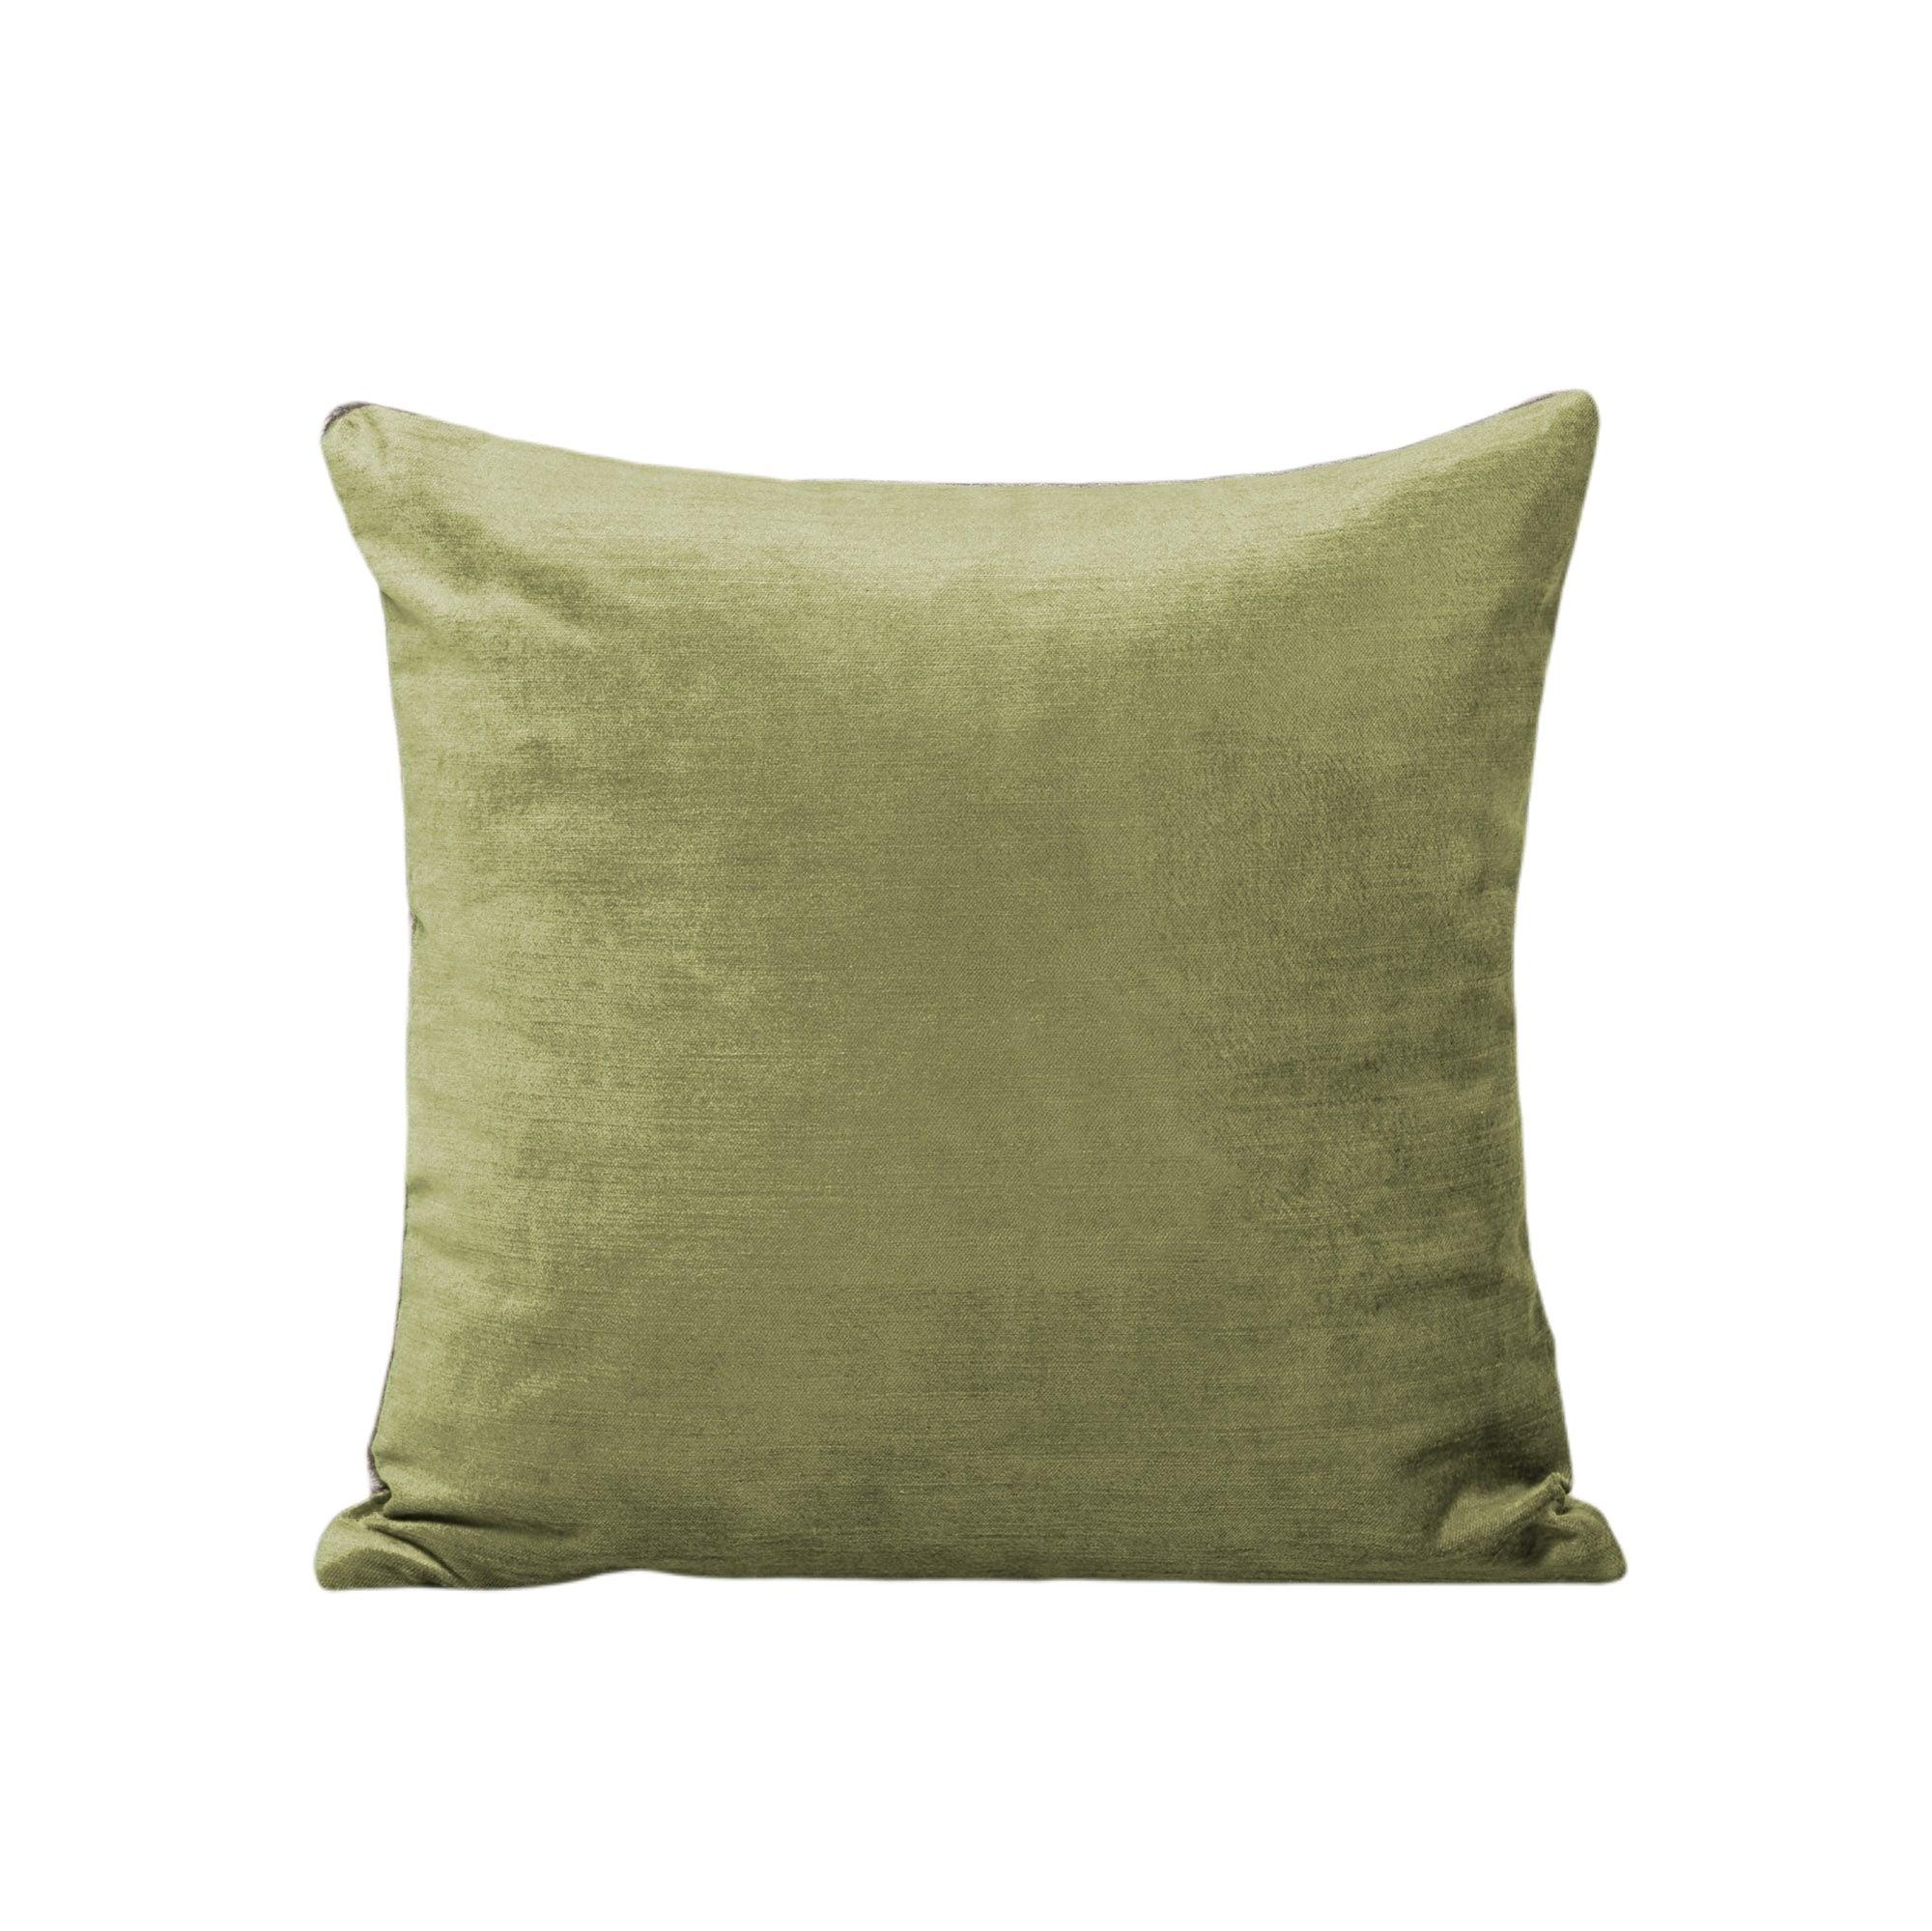 Housse de coussin 50x50 cm Olive